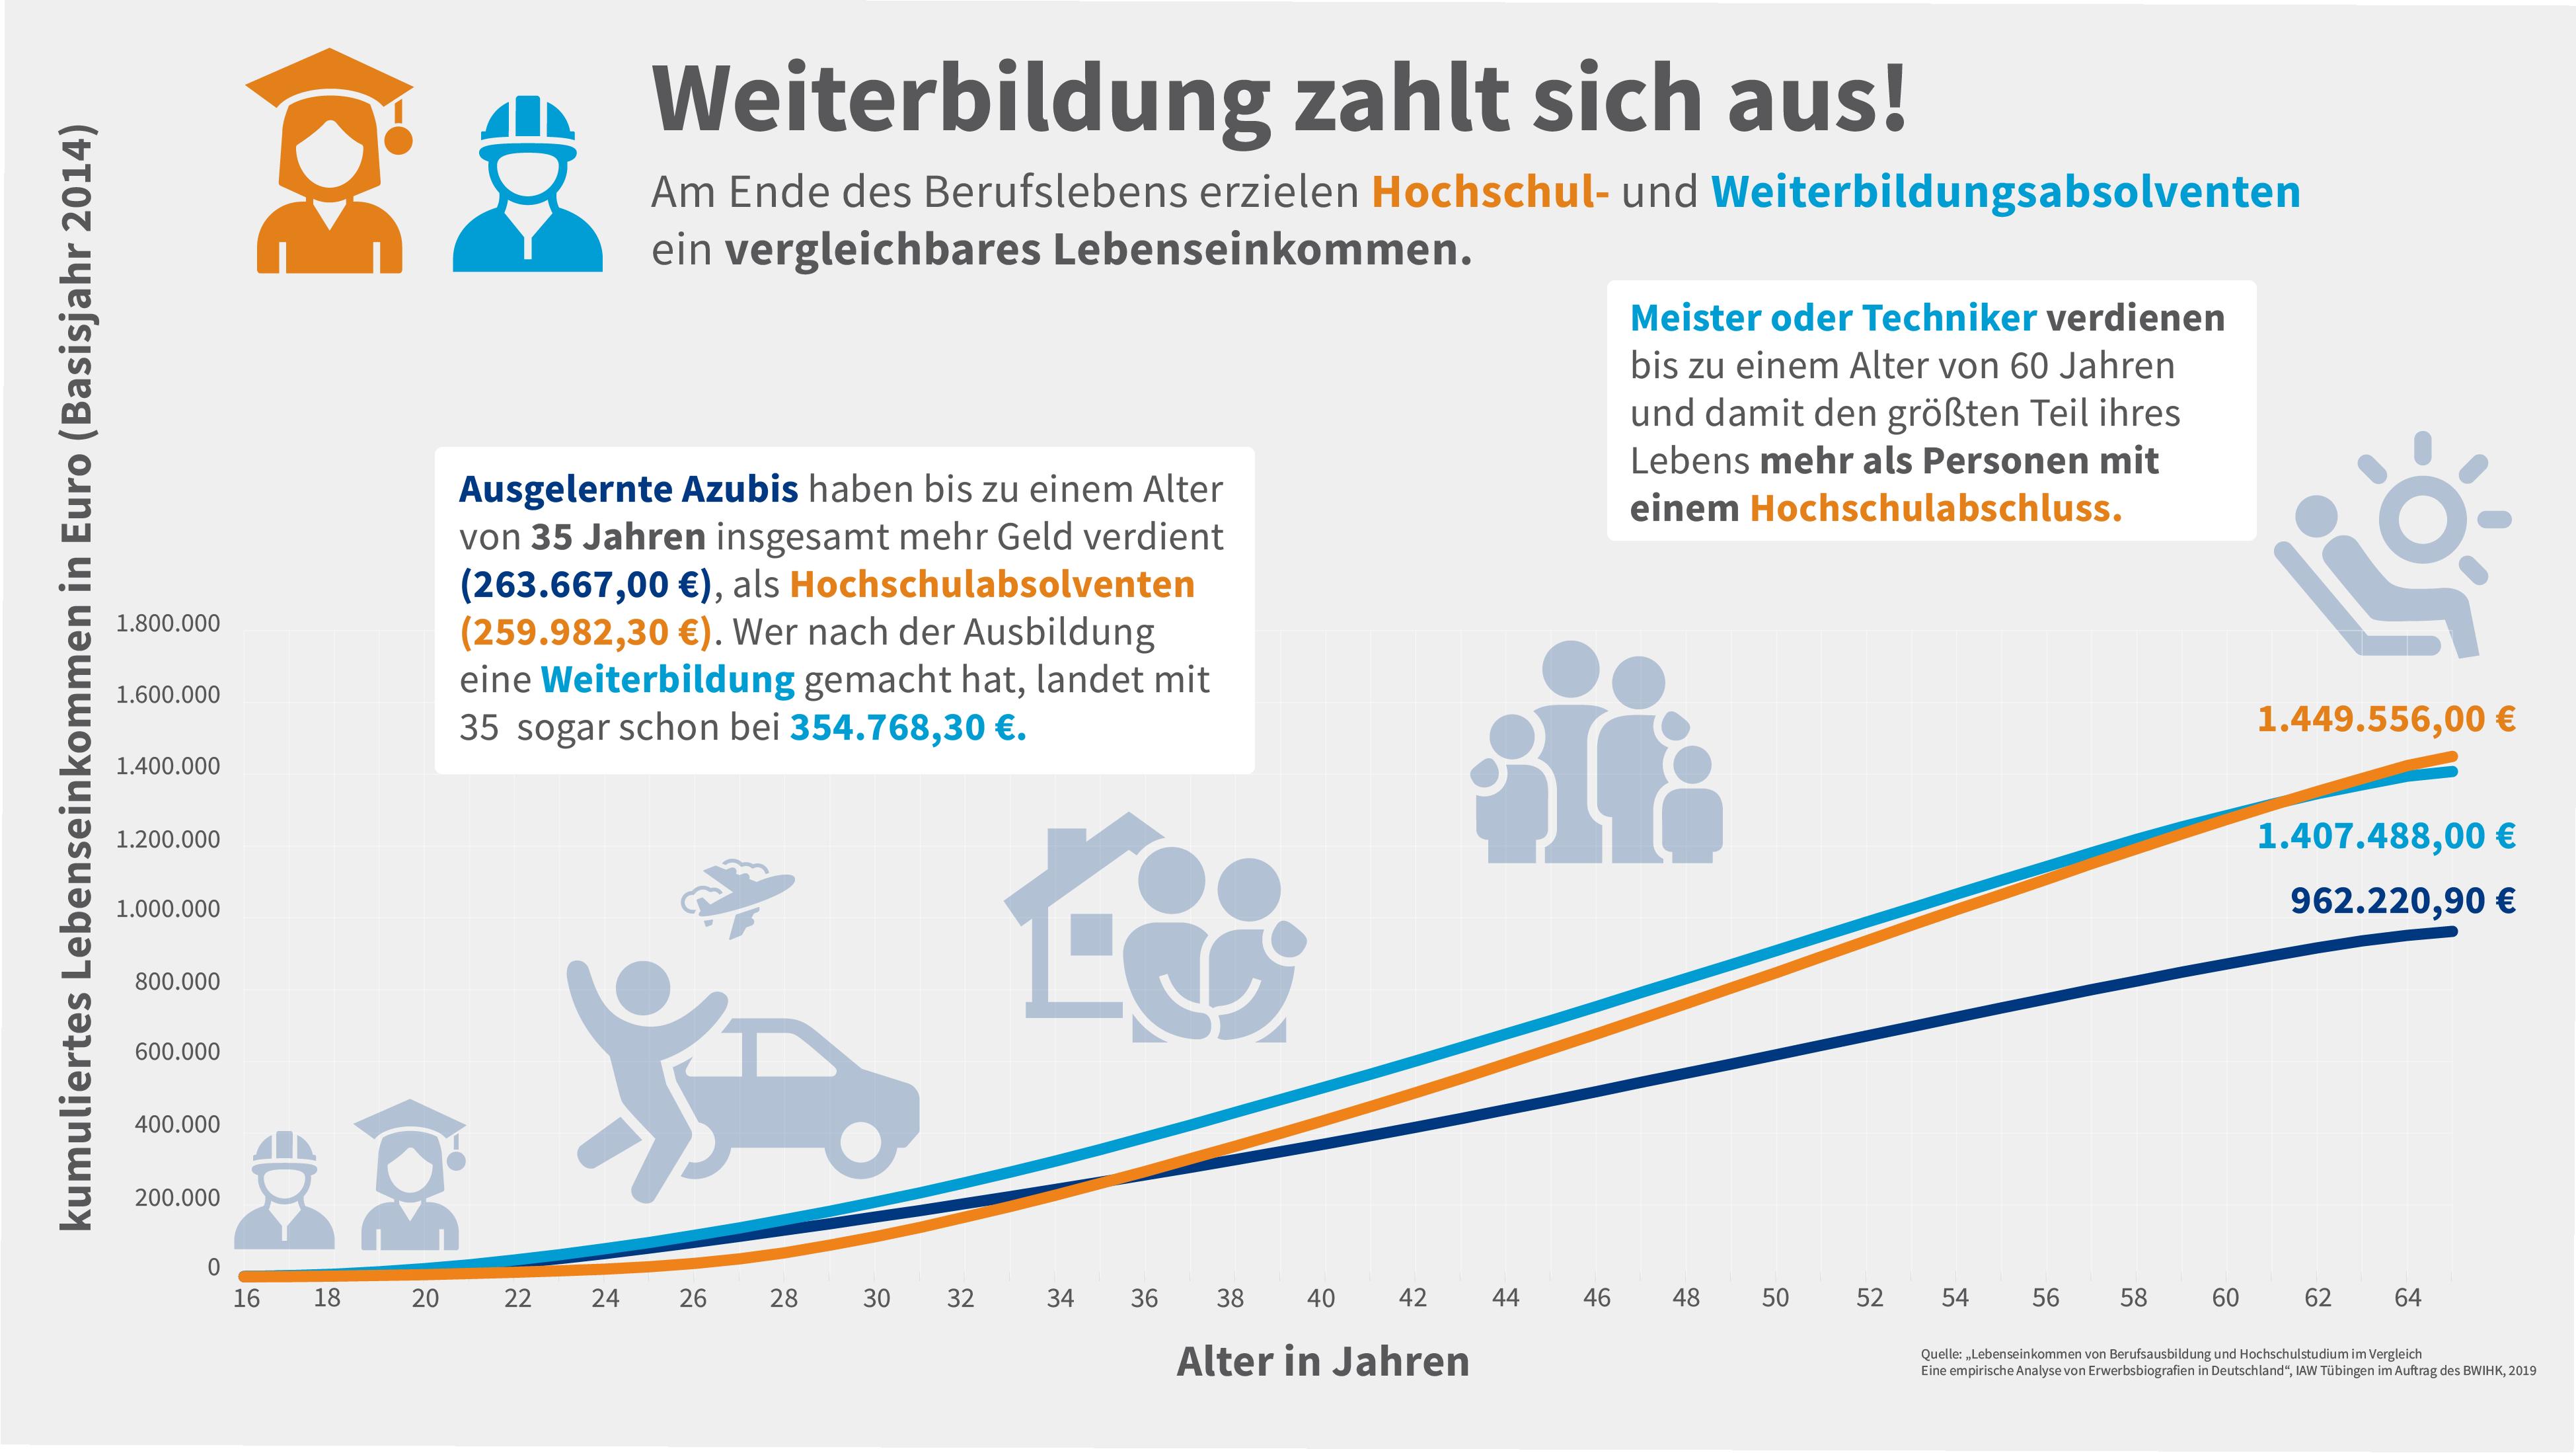 Vergleichende Grafik zum Lebenseinkommen von Akademikern und Weiterbildungsabsolventen